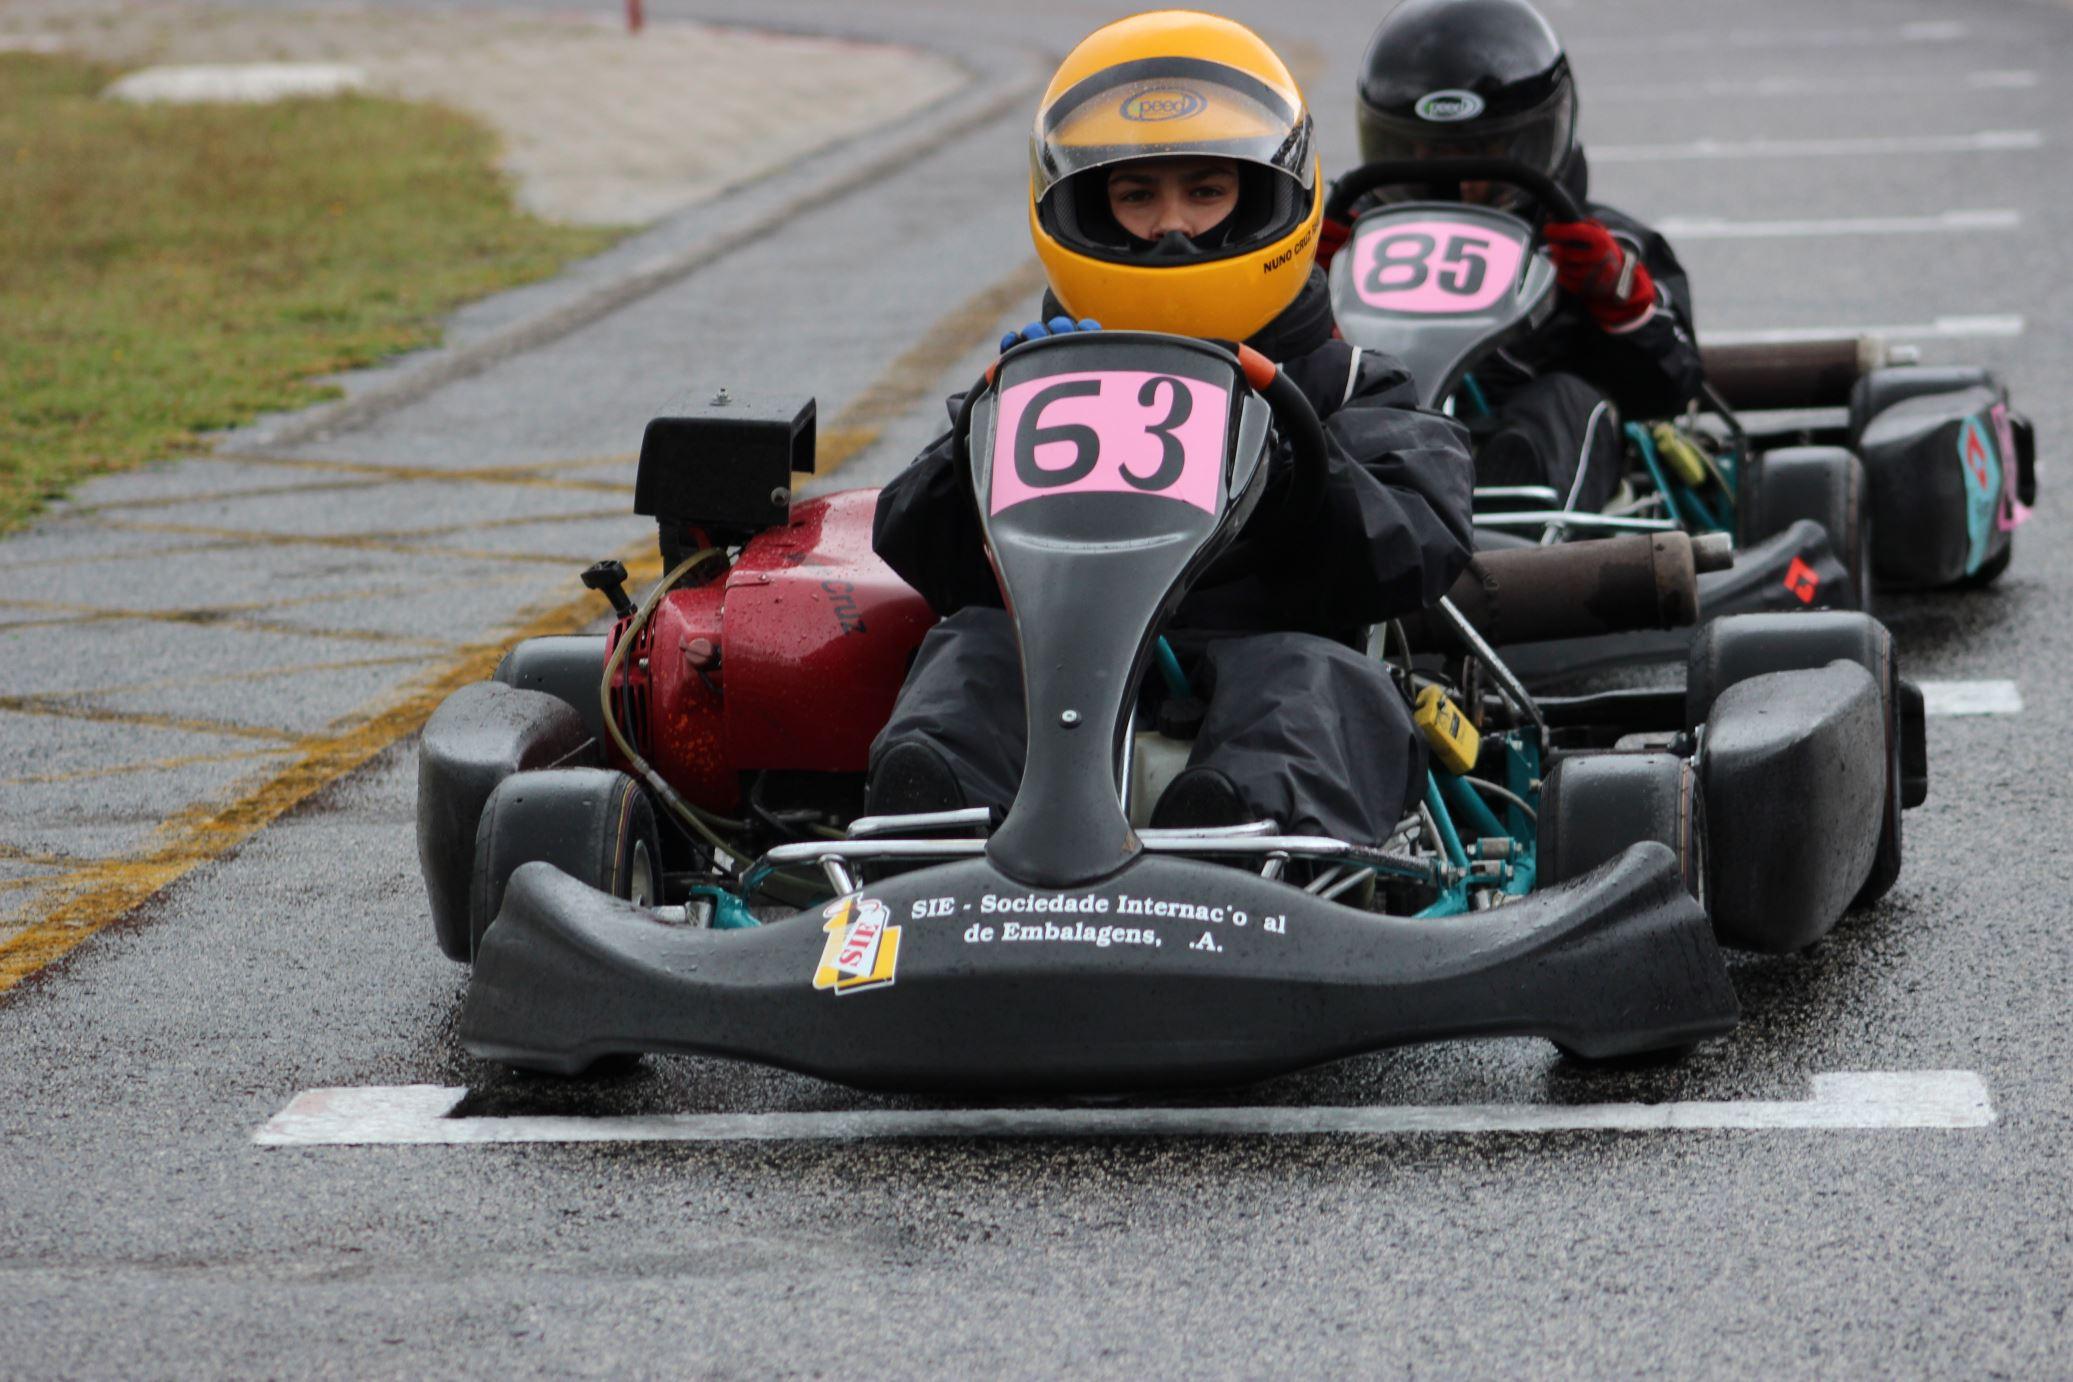 Troféu Honda 2014 - 2ª Prova21